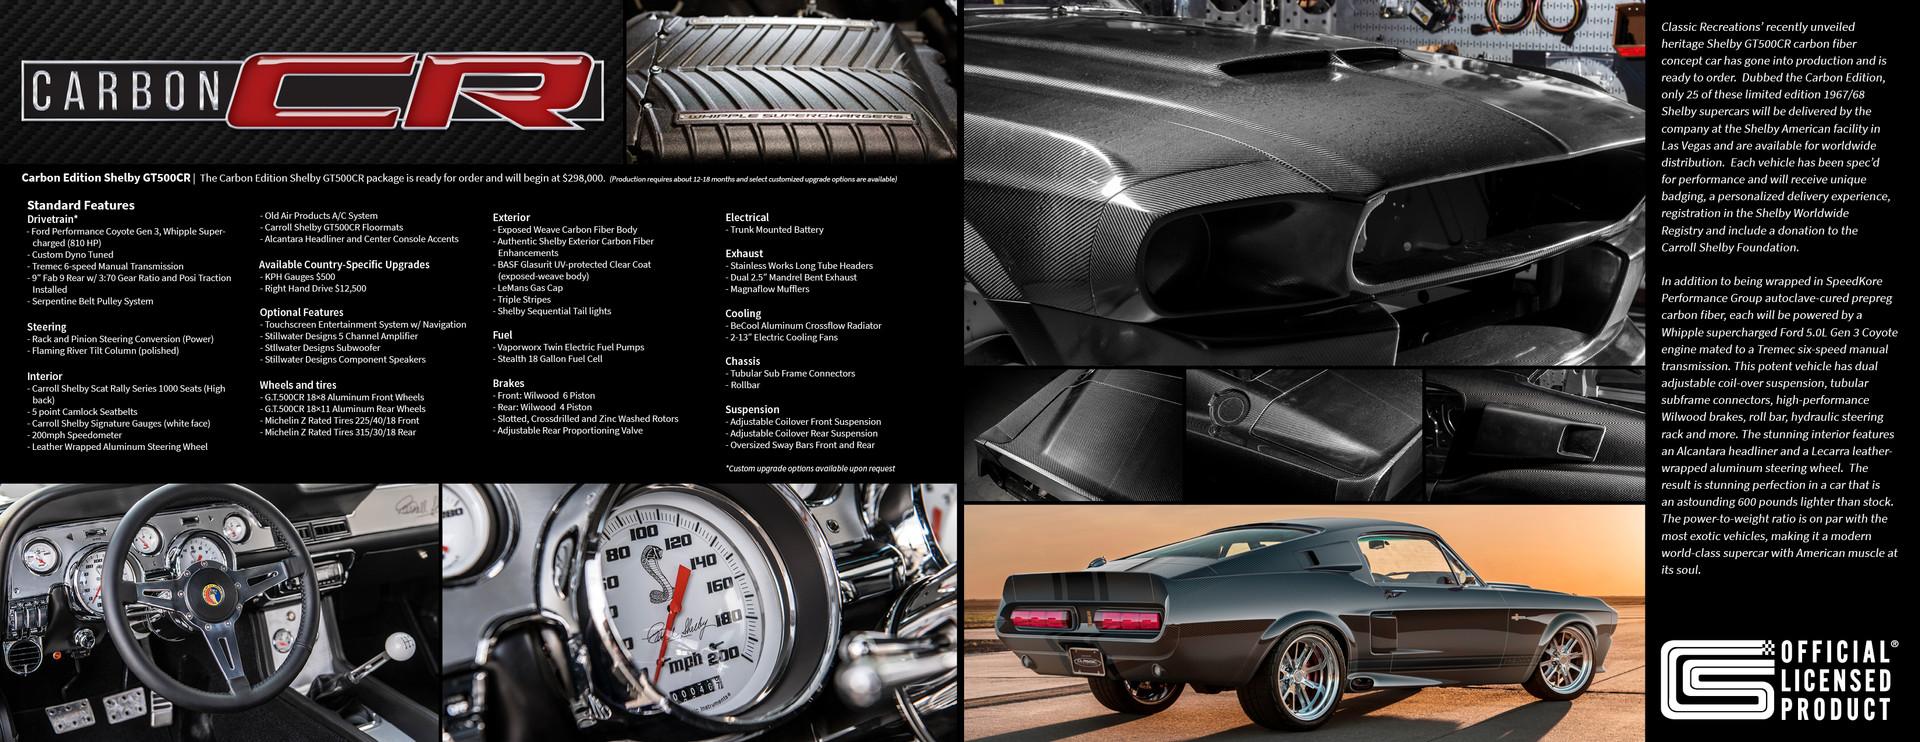 2020 Shelby GT500CR CF-CR-inside2.jpg